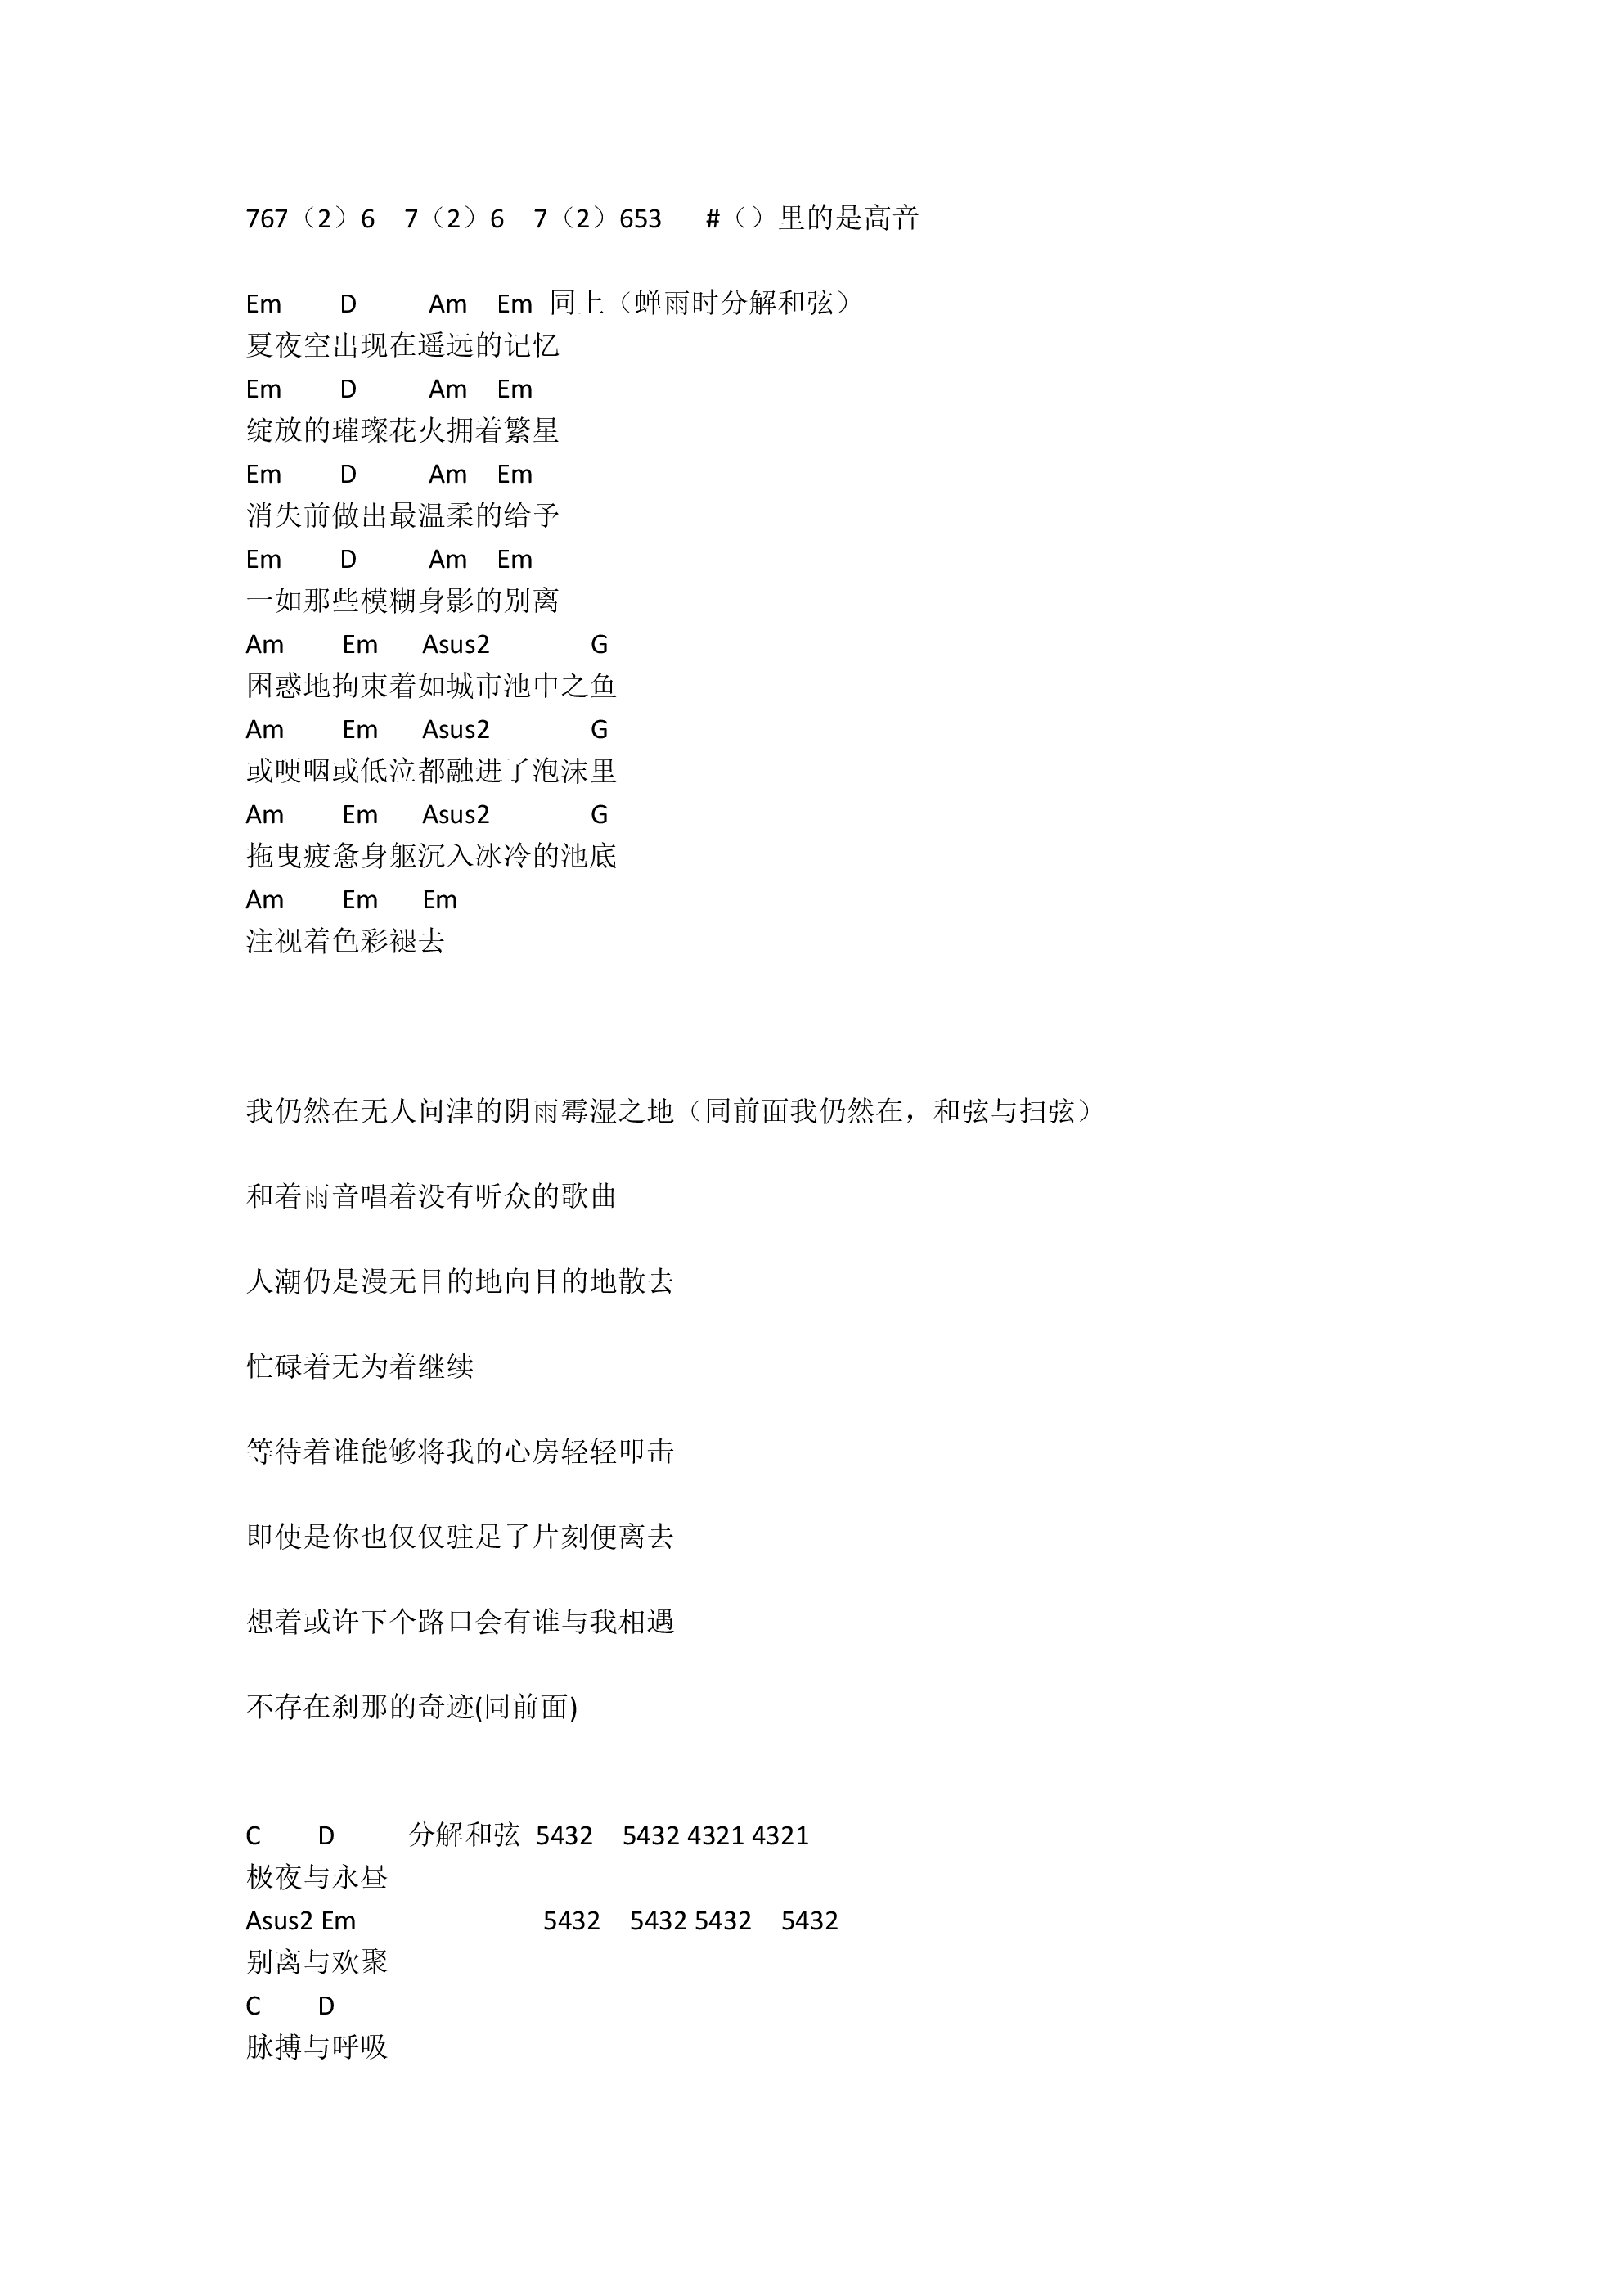 世末歌者吉他谱2